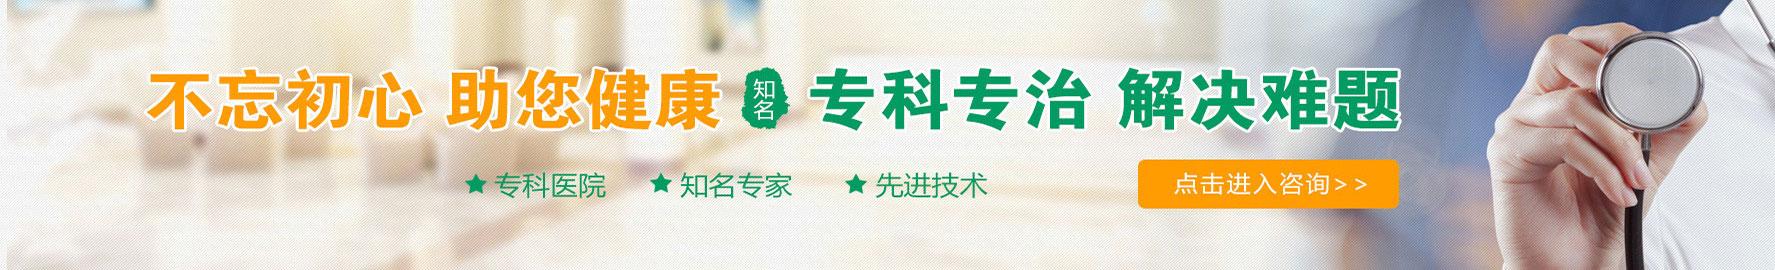 重庆癫痫病医院